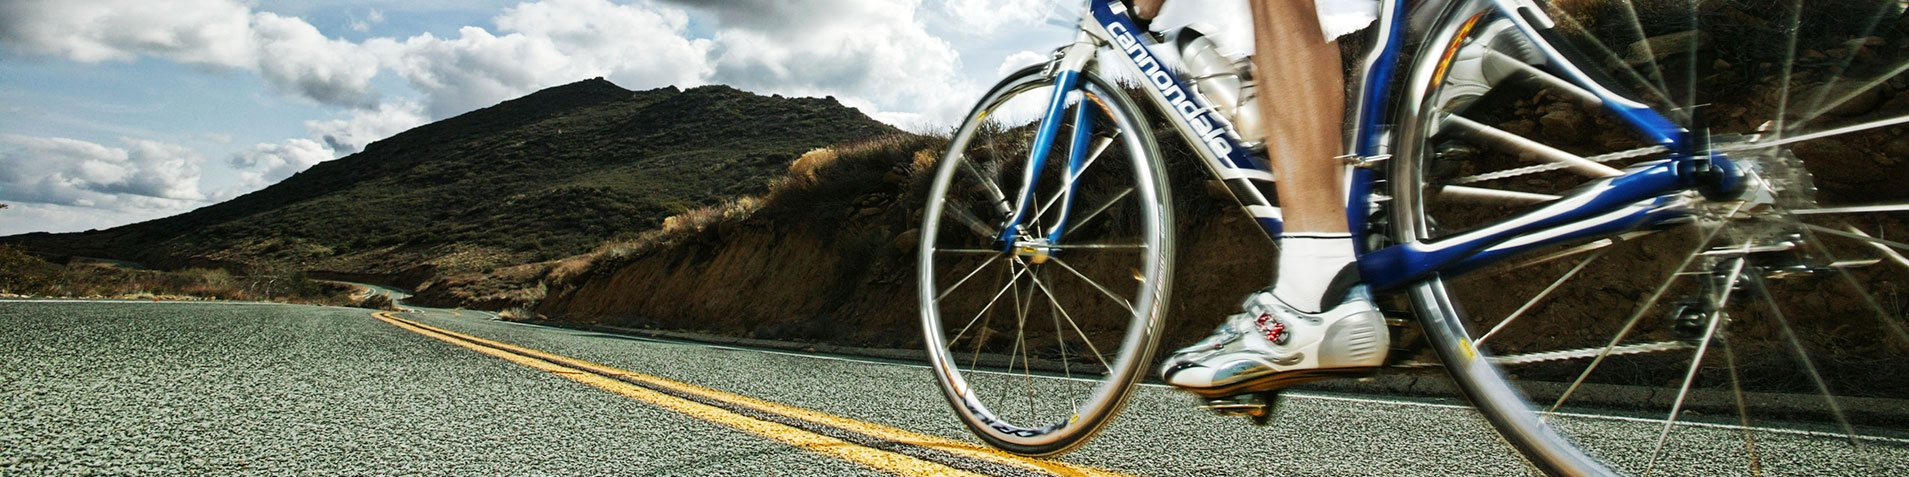 ruta-bicicleta-cabo-reus-y-francia